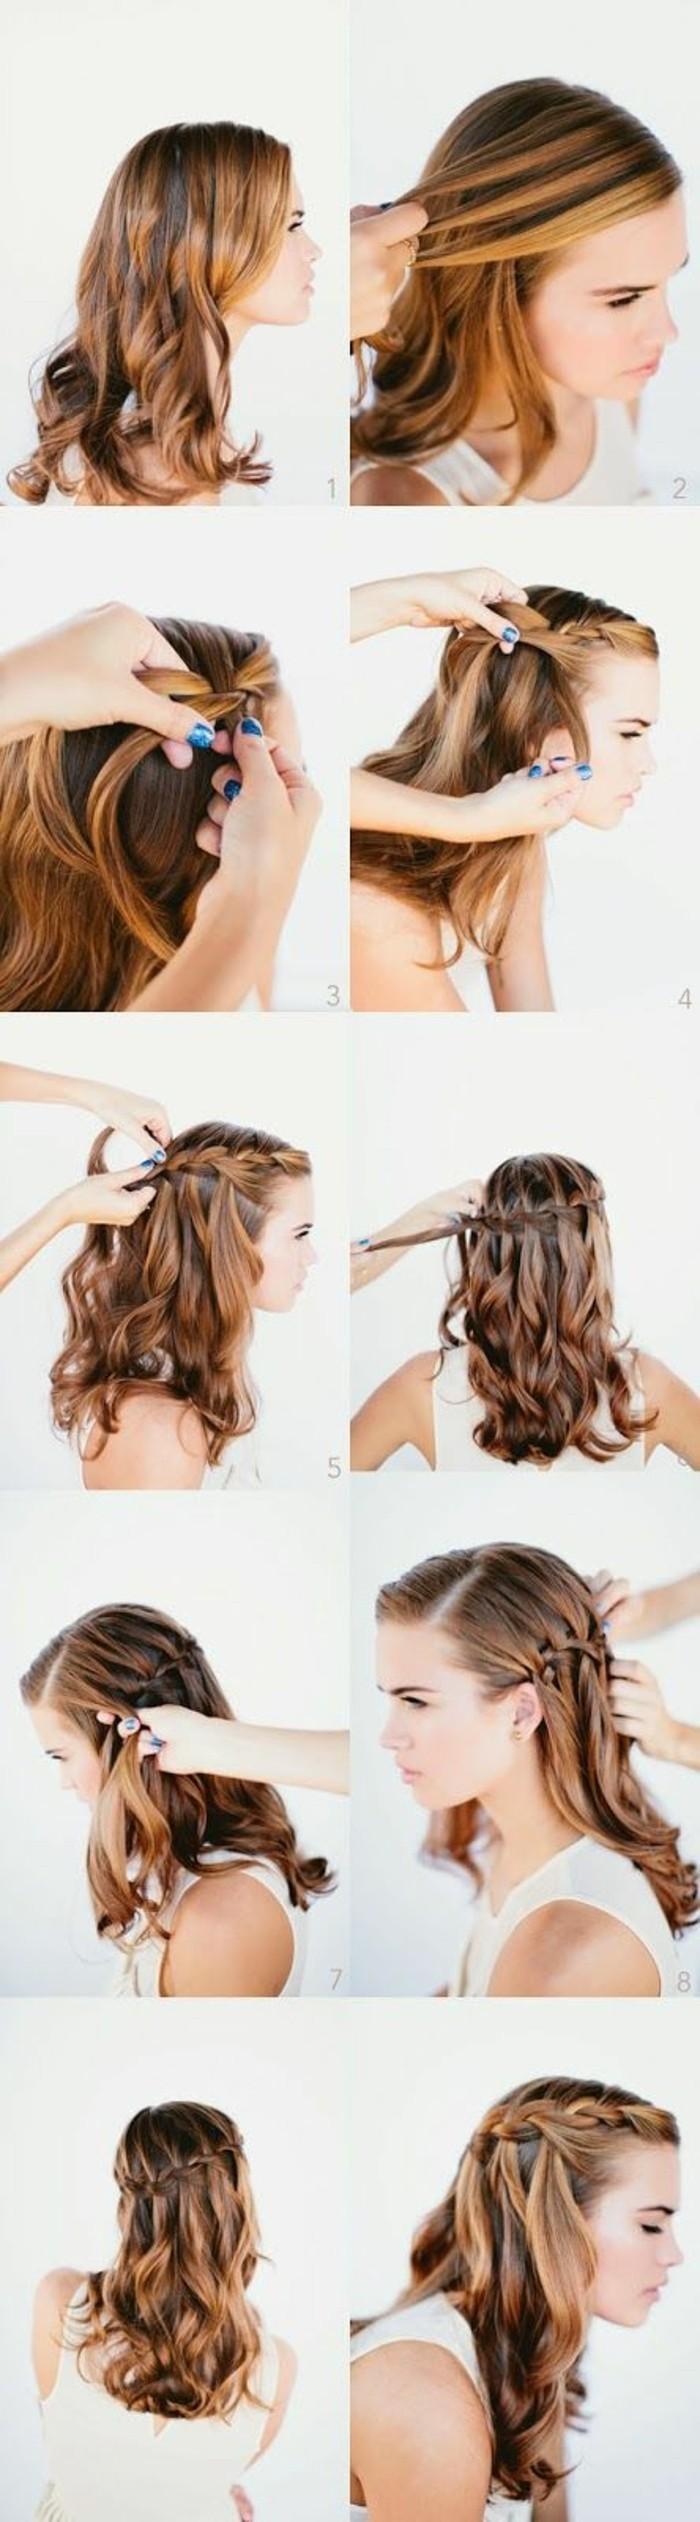 tuto-coiffure-cheveux-mi-long-femme-cheveux-mi-courts-balayage-idée-de-coiffure